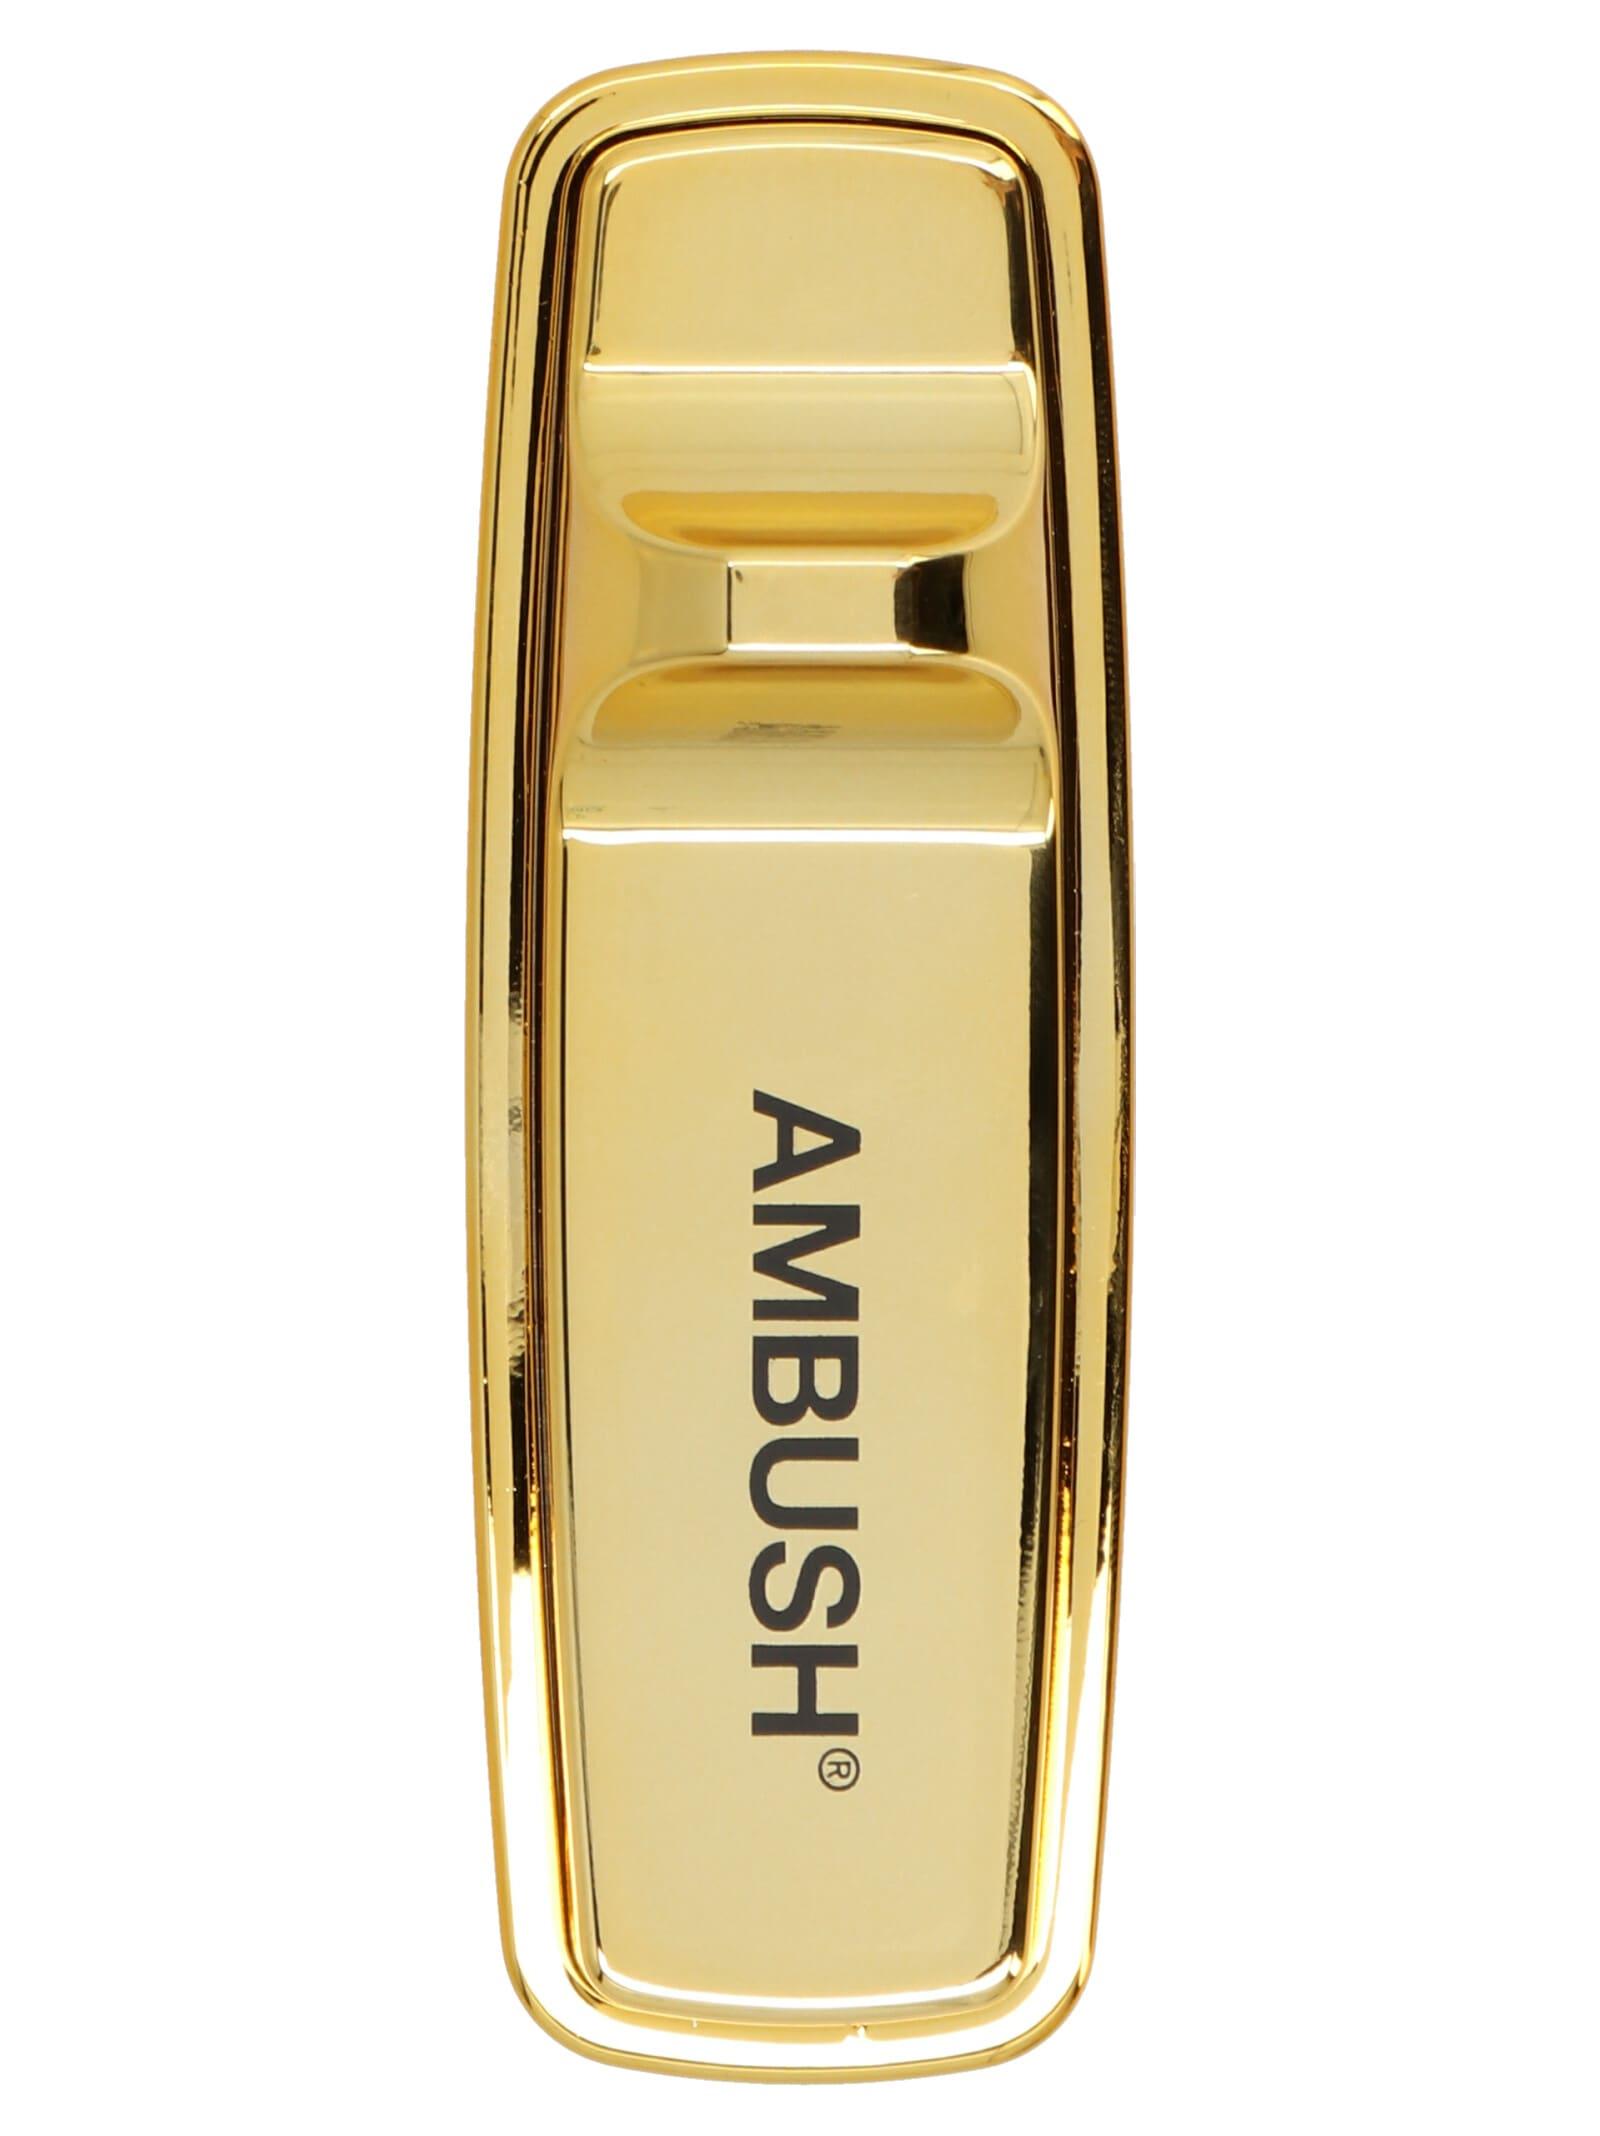 Ambush security Tag Pin